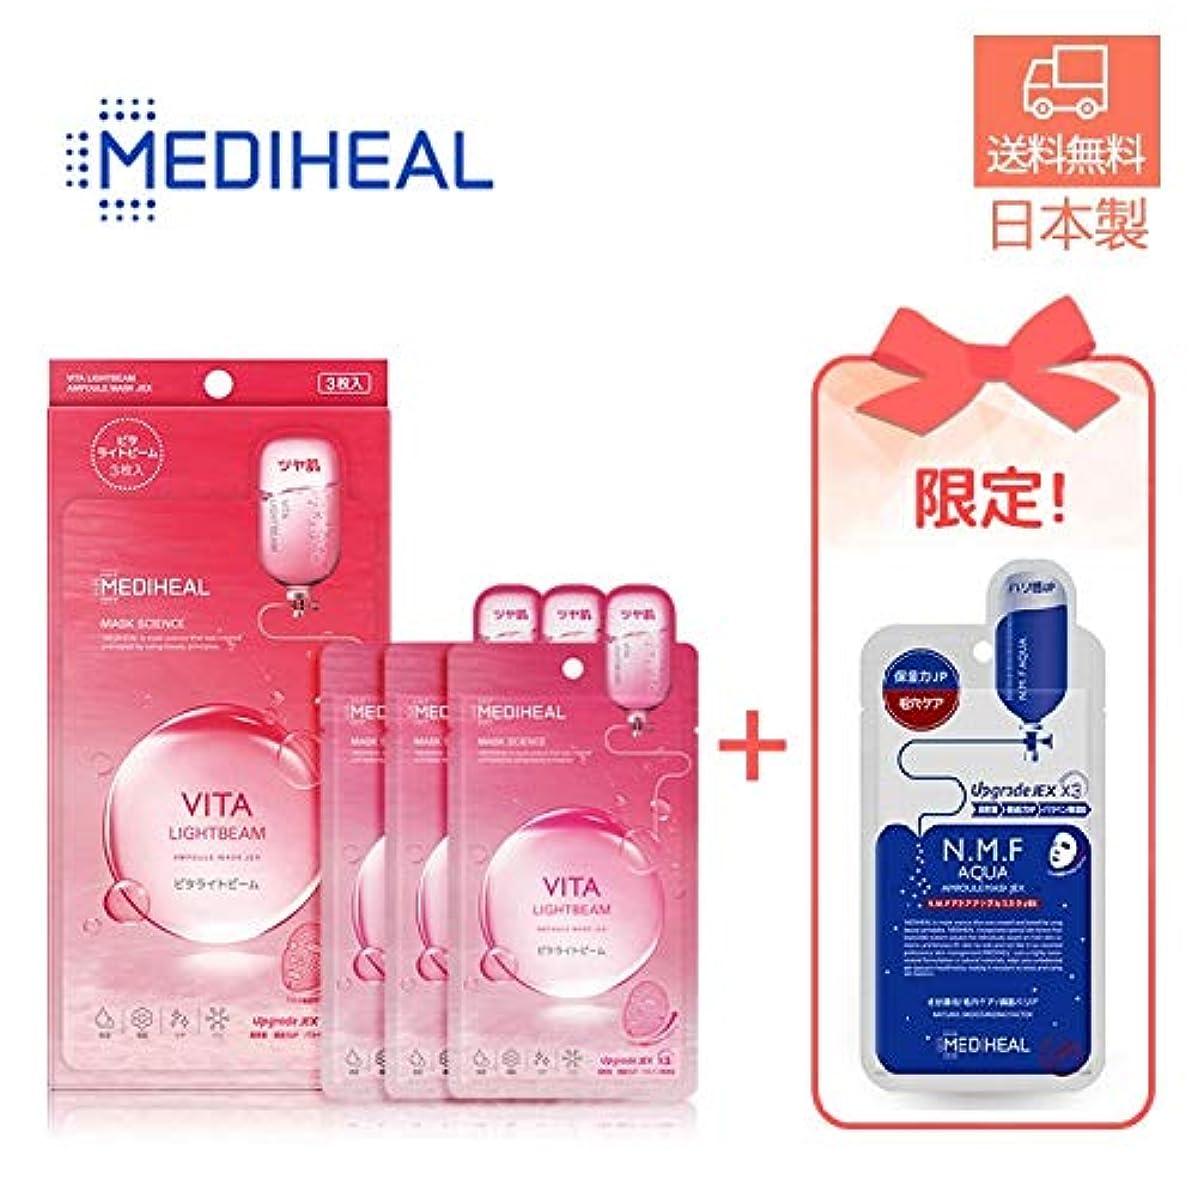 スモッグ業界暖かくMEDIHEAL(メディヒール)ビタライトビームアンプルマスク3枚入+アクアアンプルマスク 1枚